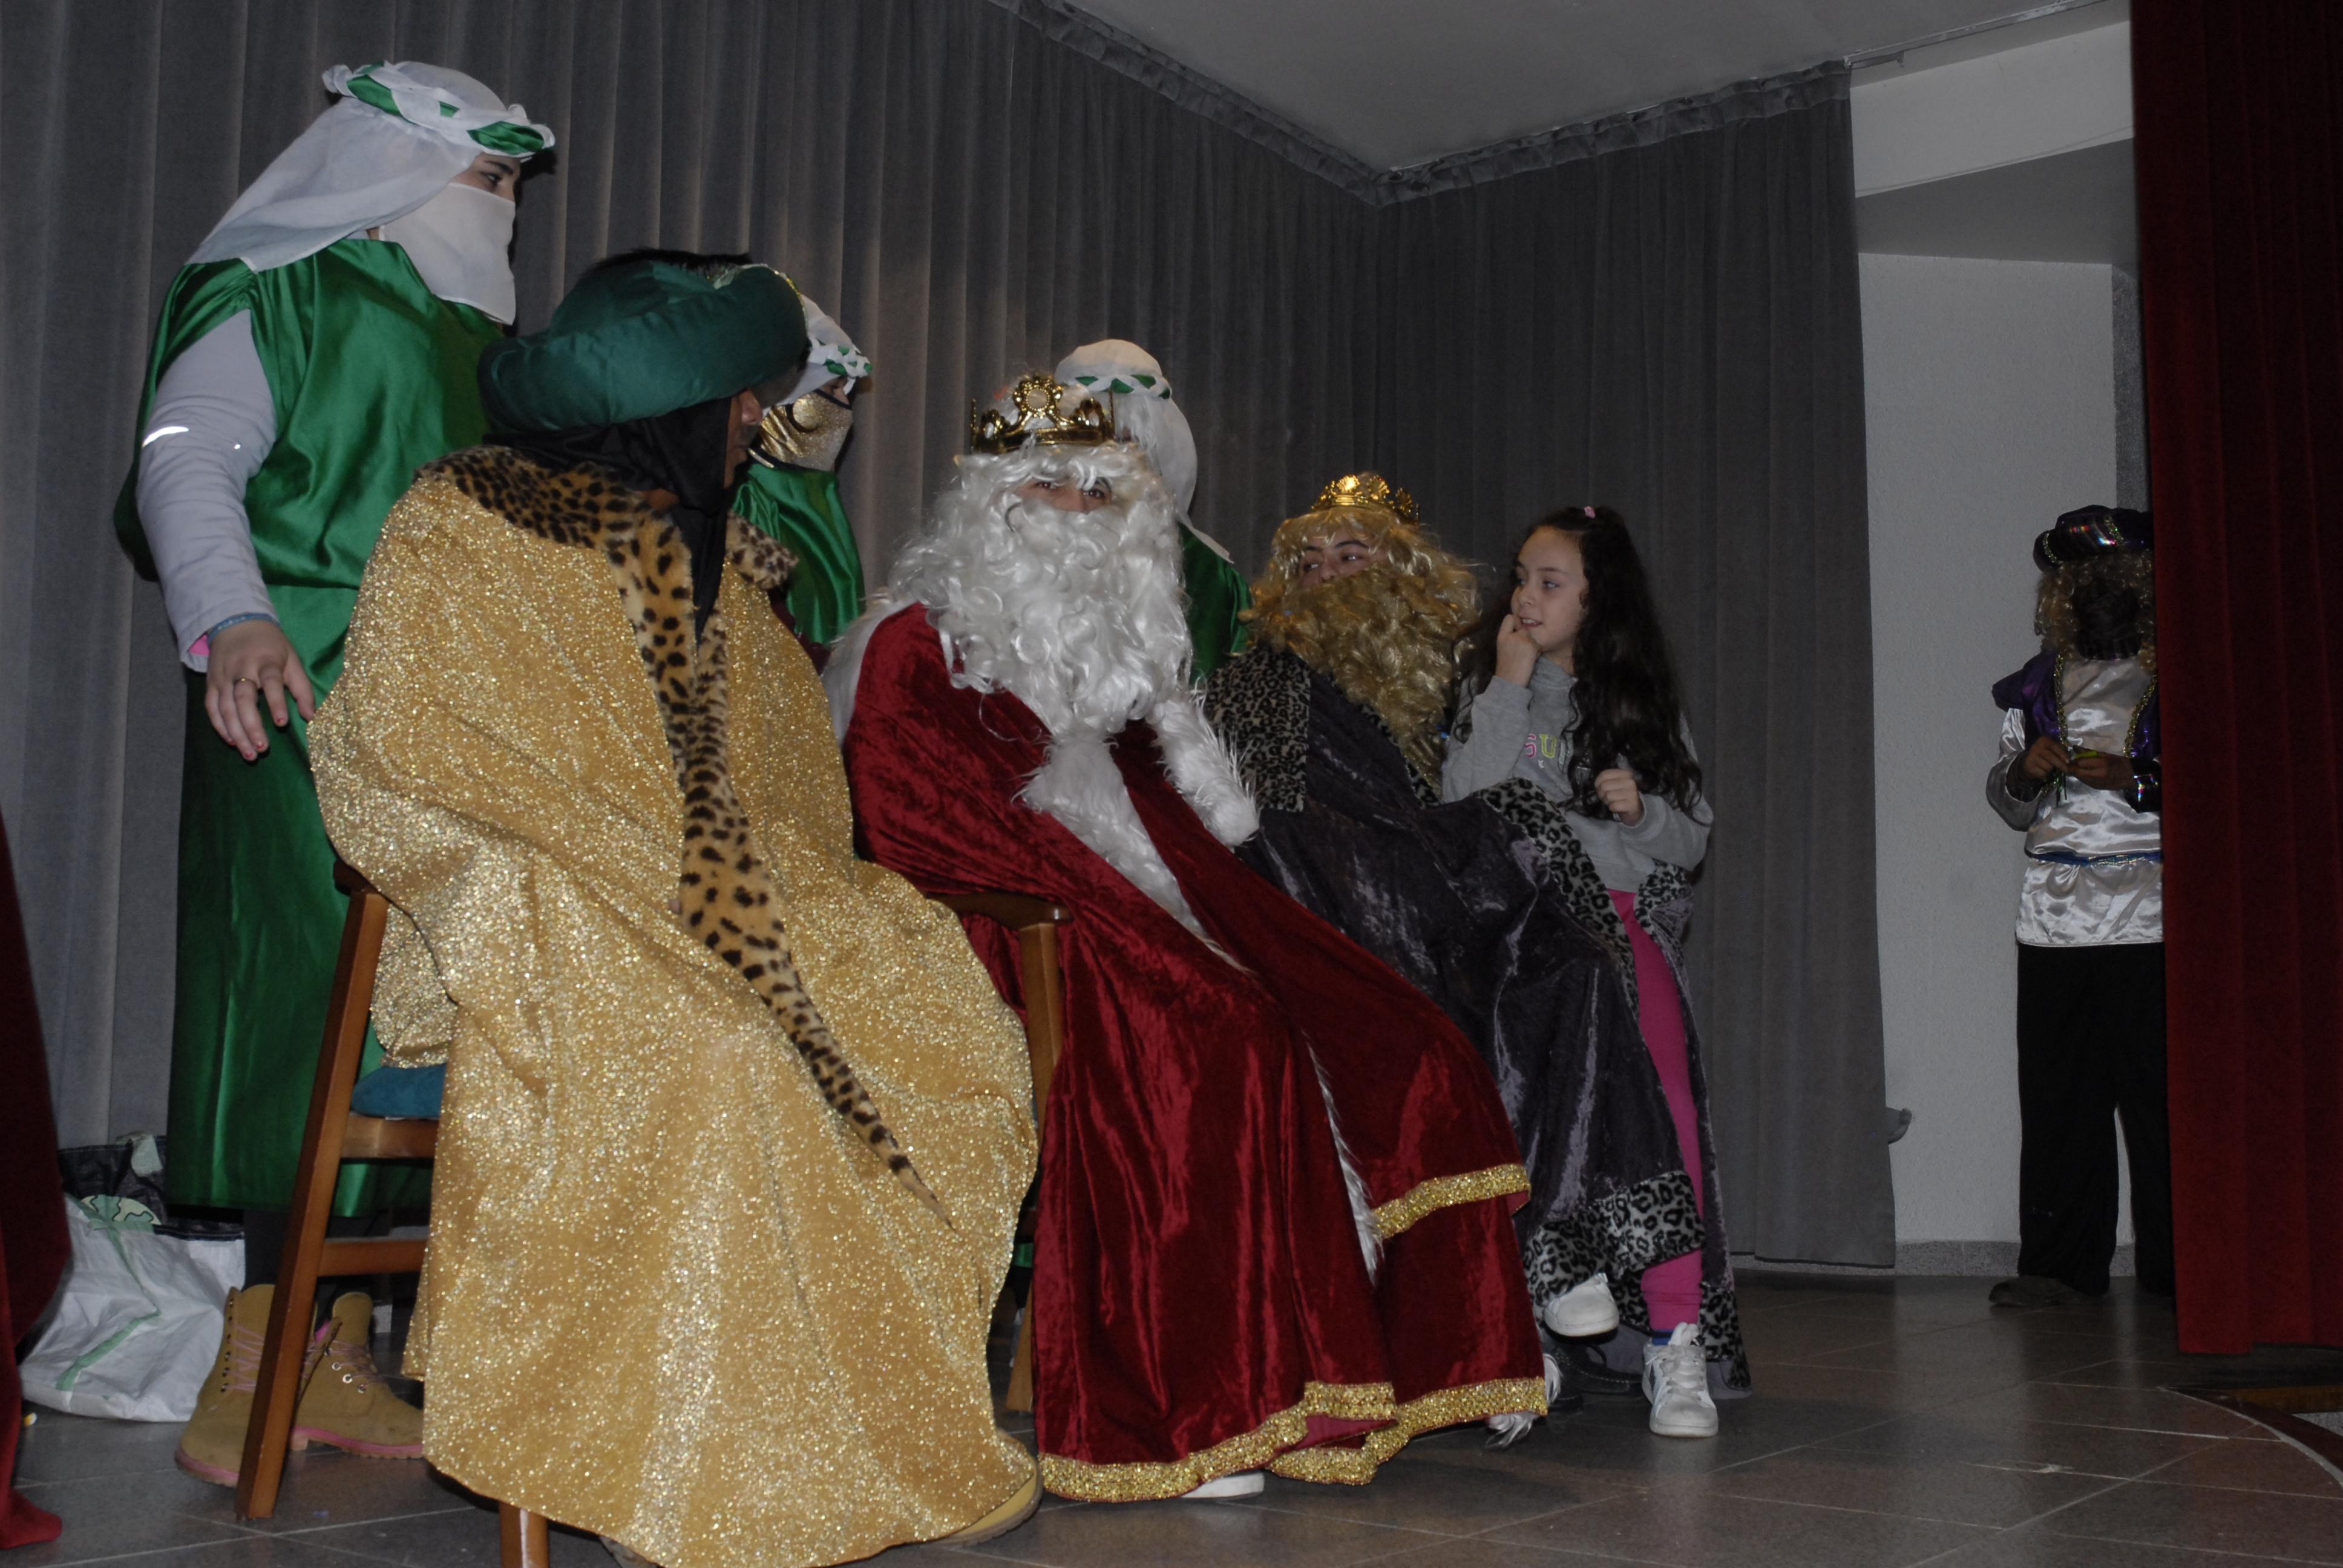 cabalgata-reyes-magos-2017-34